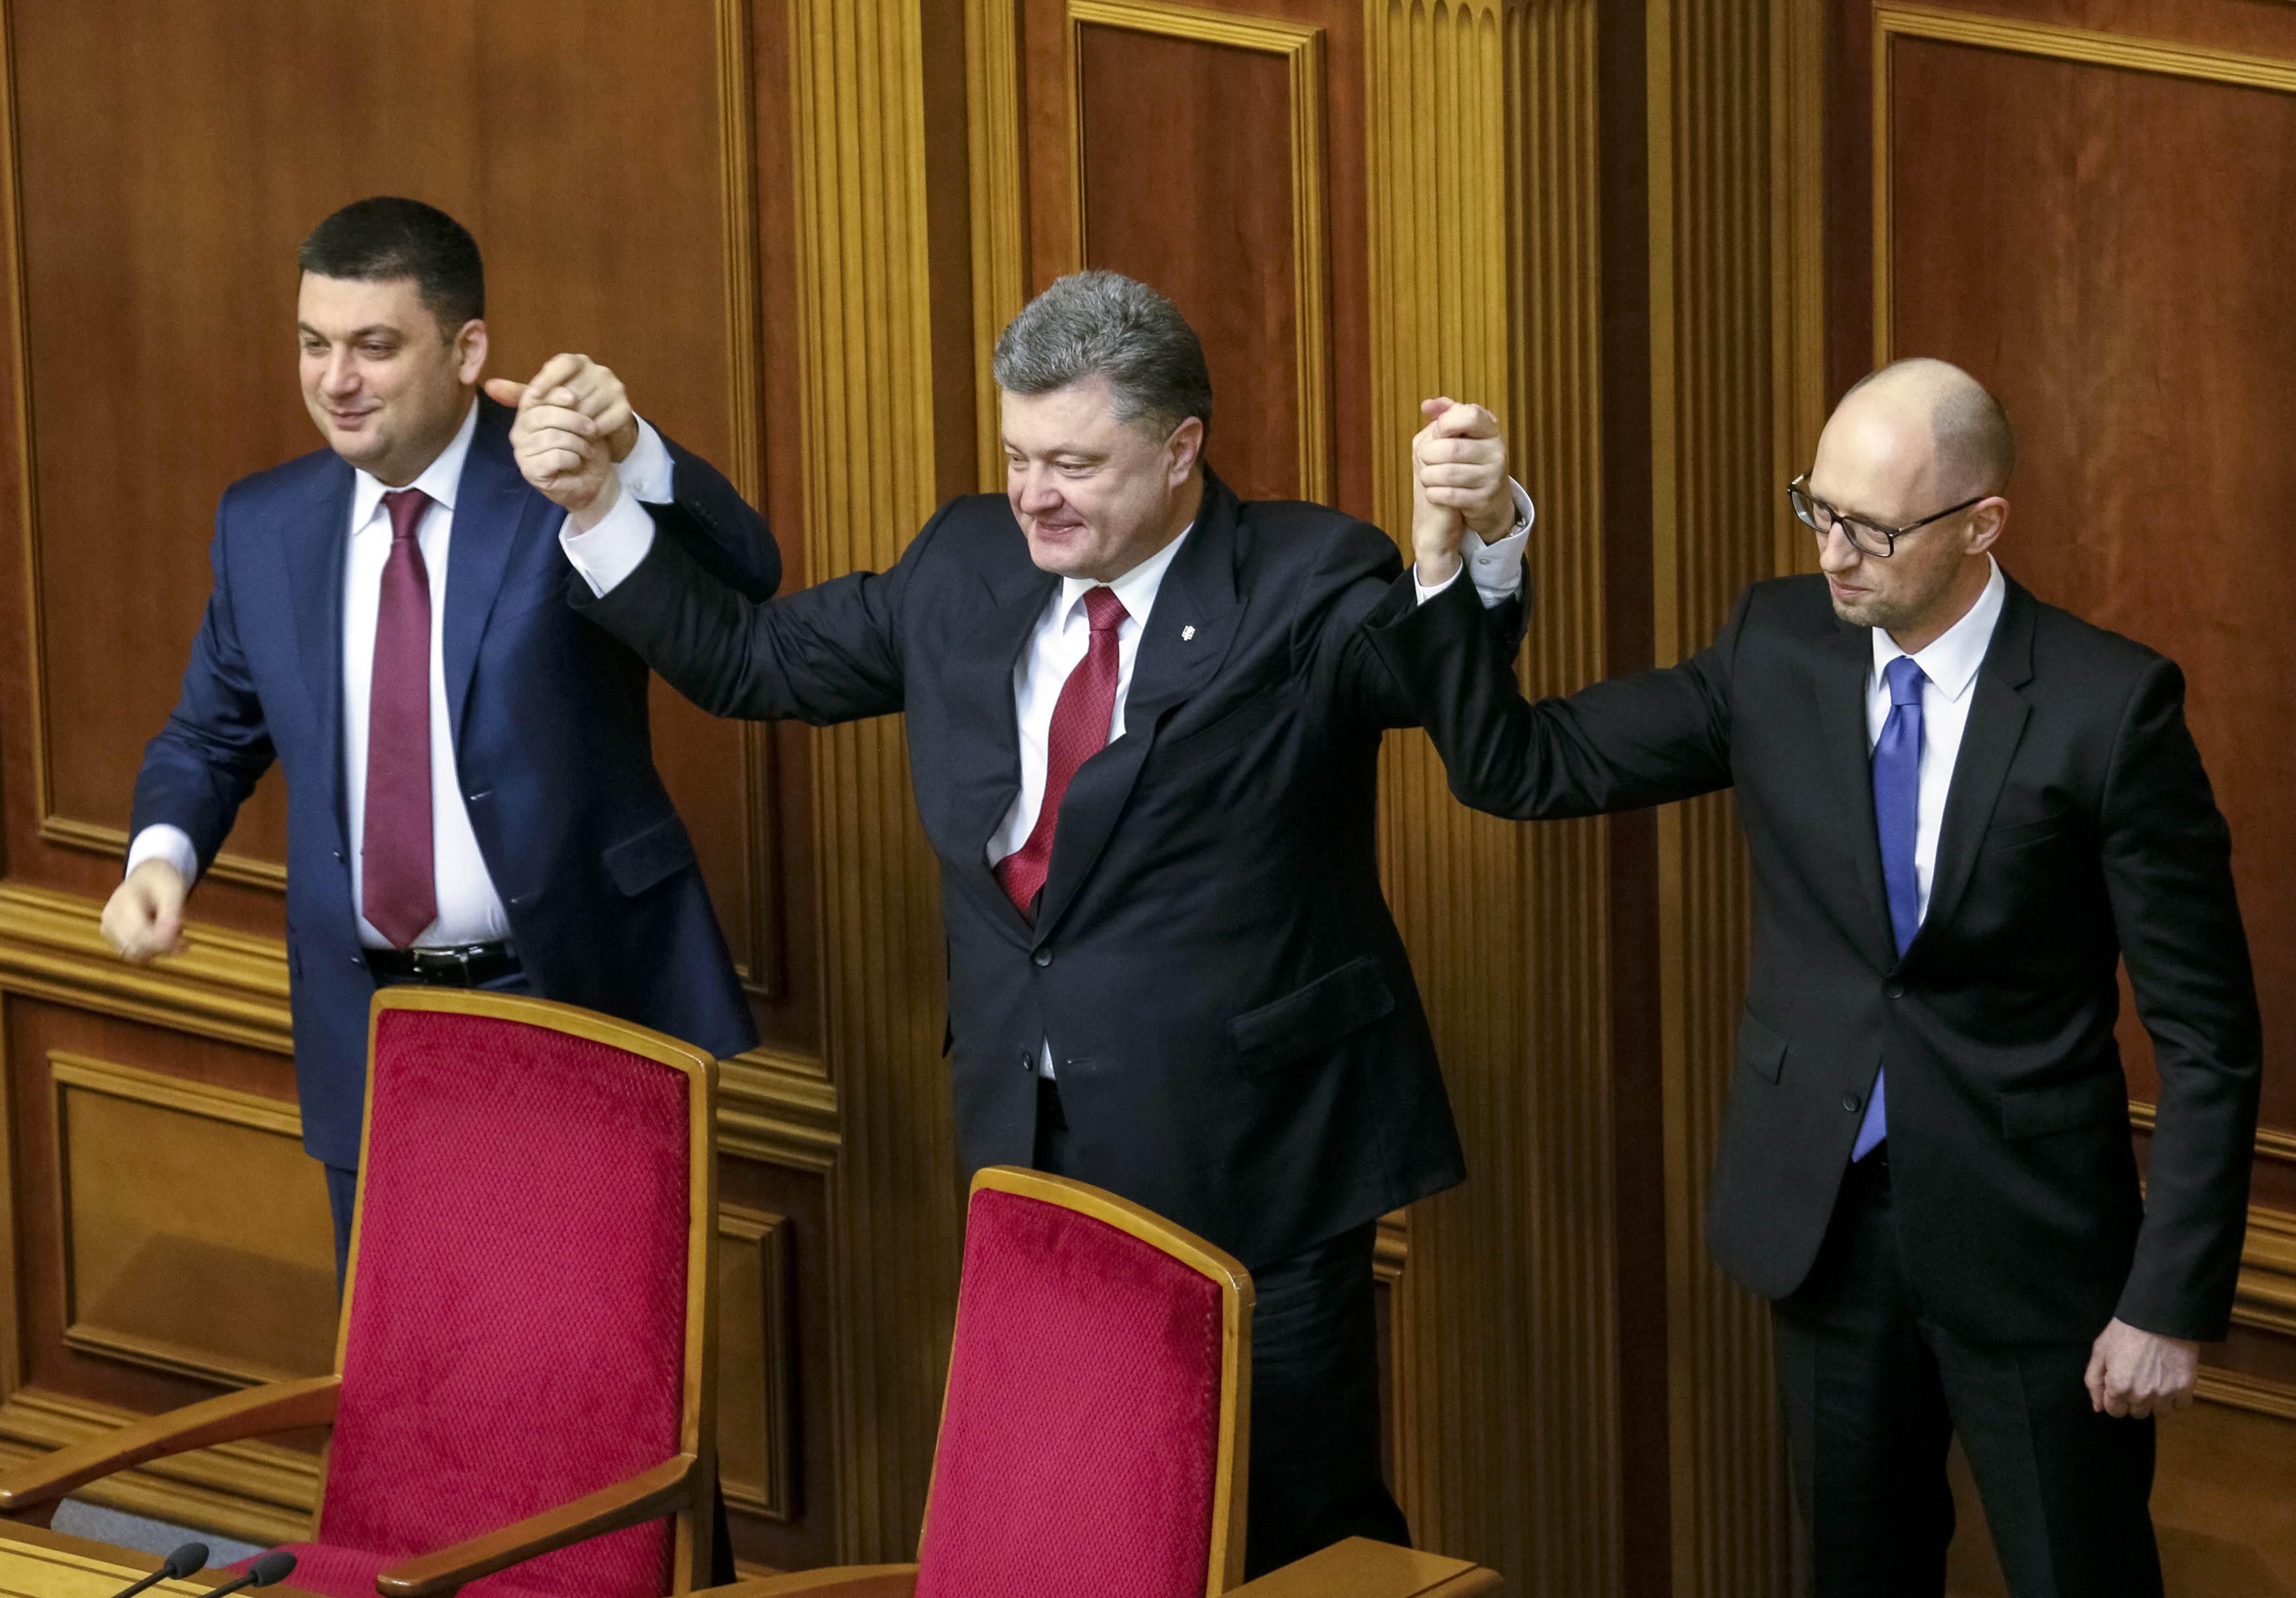 Гройсман, Порошенко и Яценюк